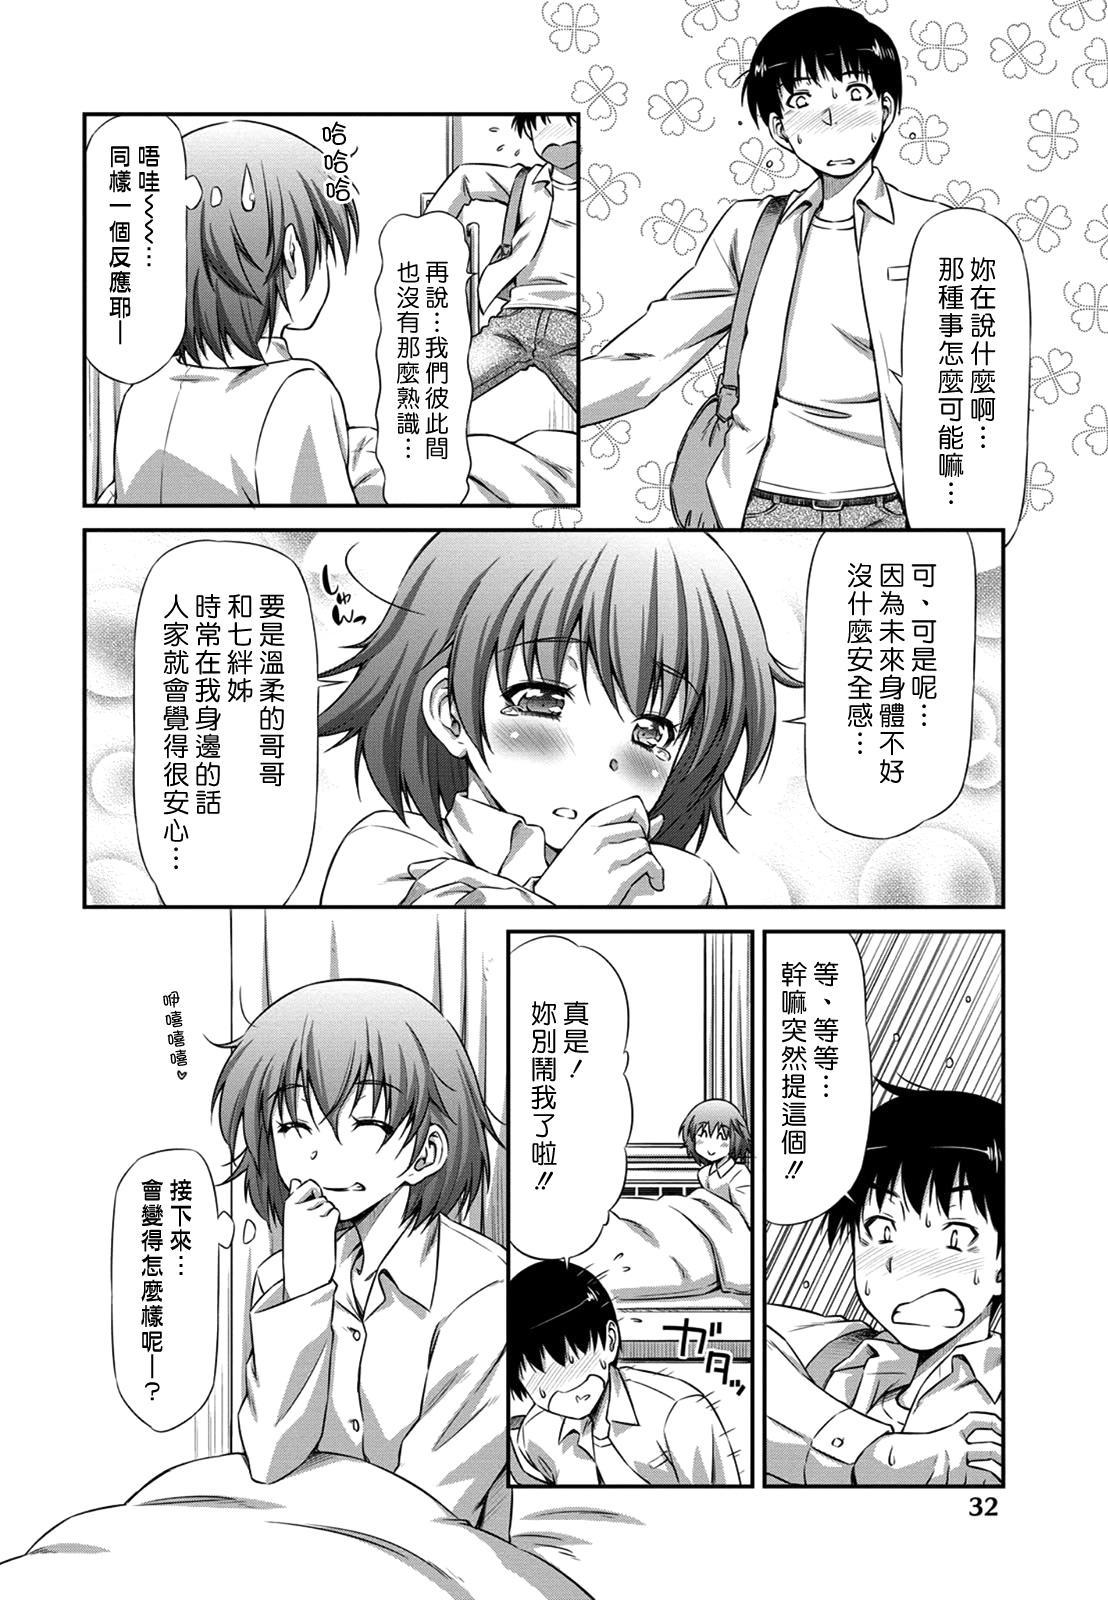 Giyaku no Shohousen 7